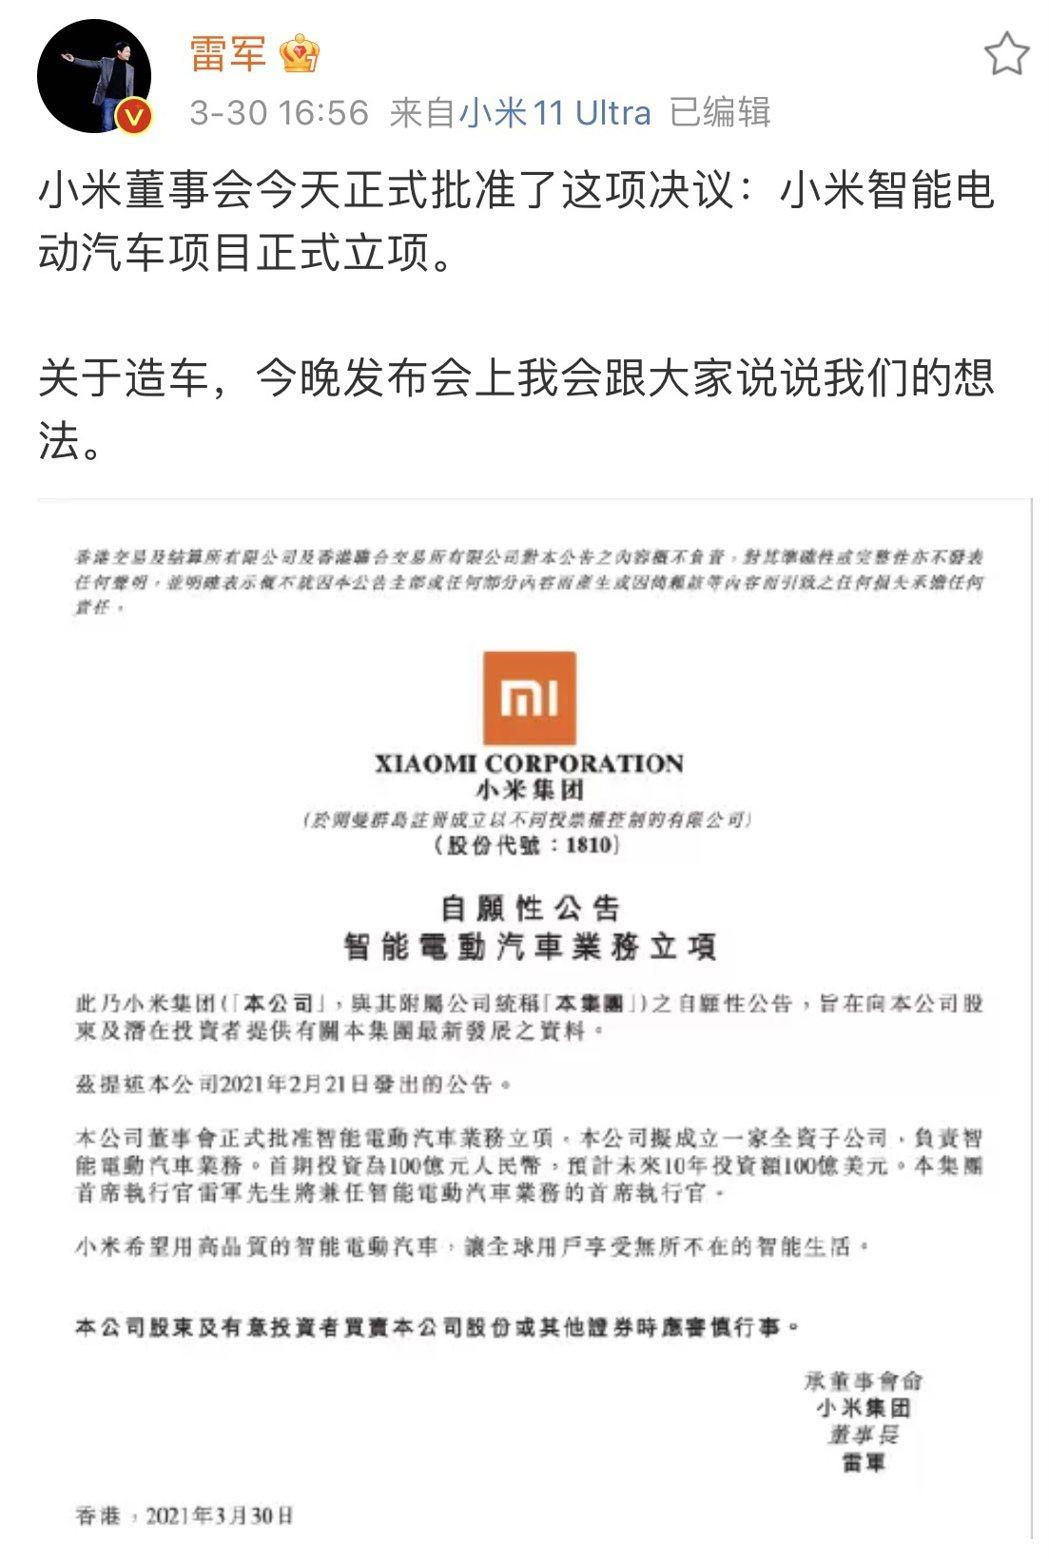 小米集團智慧電動汽車業務正式立項。(圖/取自澎湃新聞)